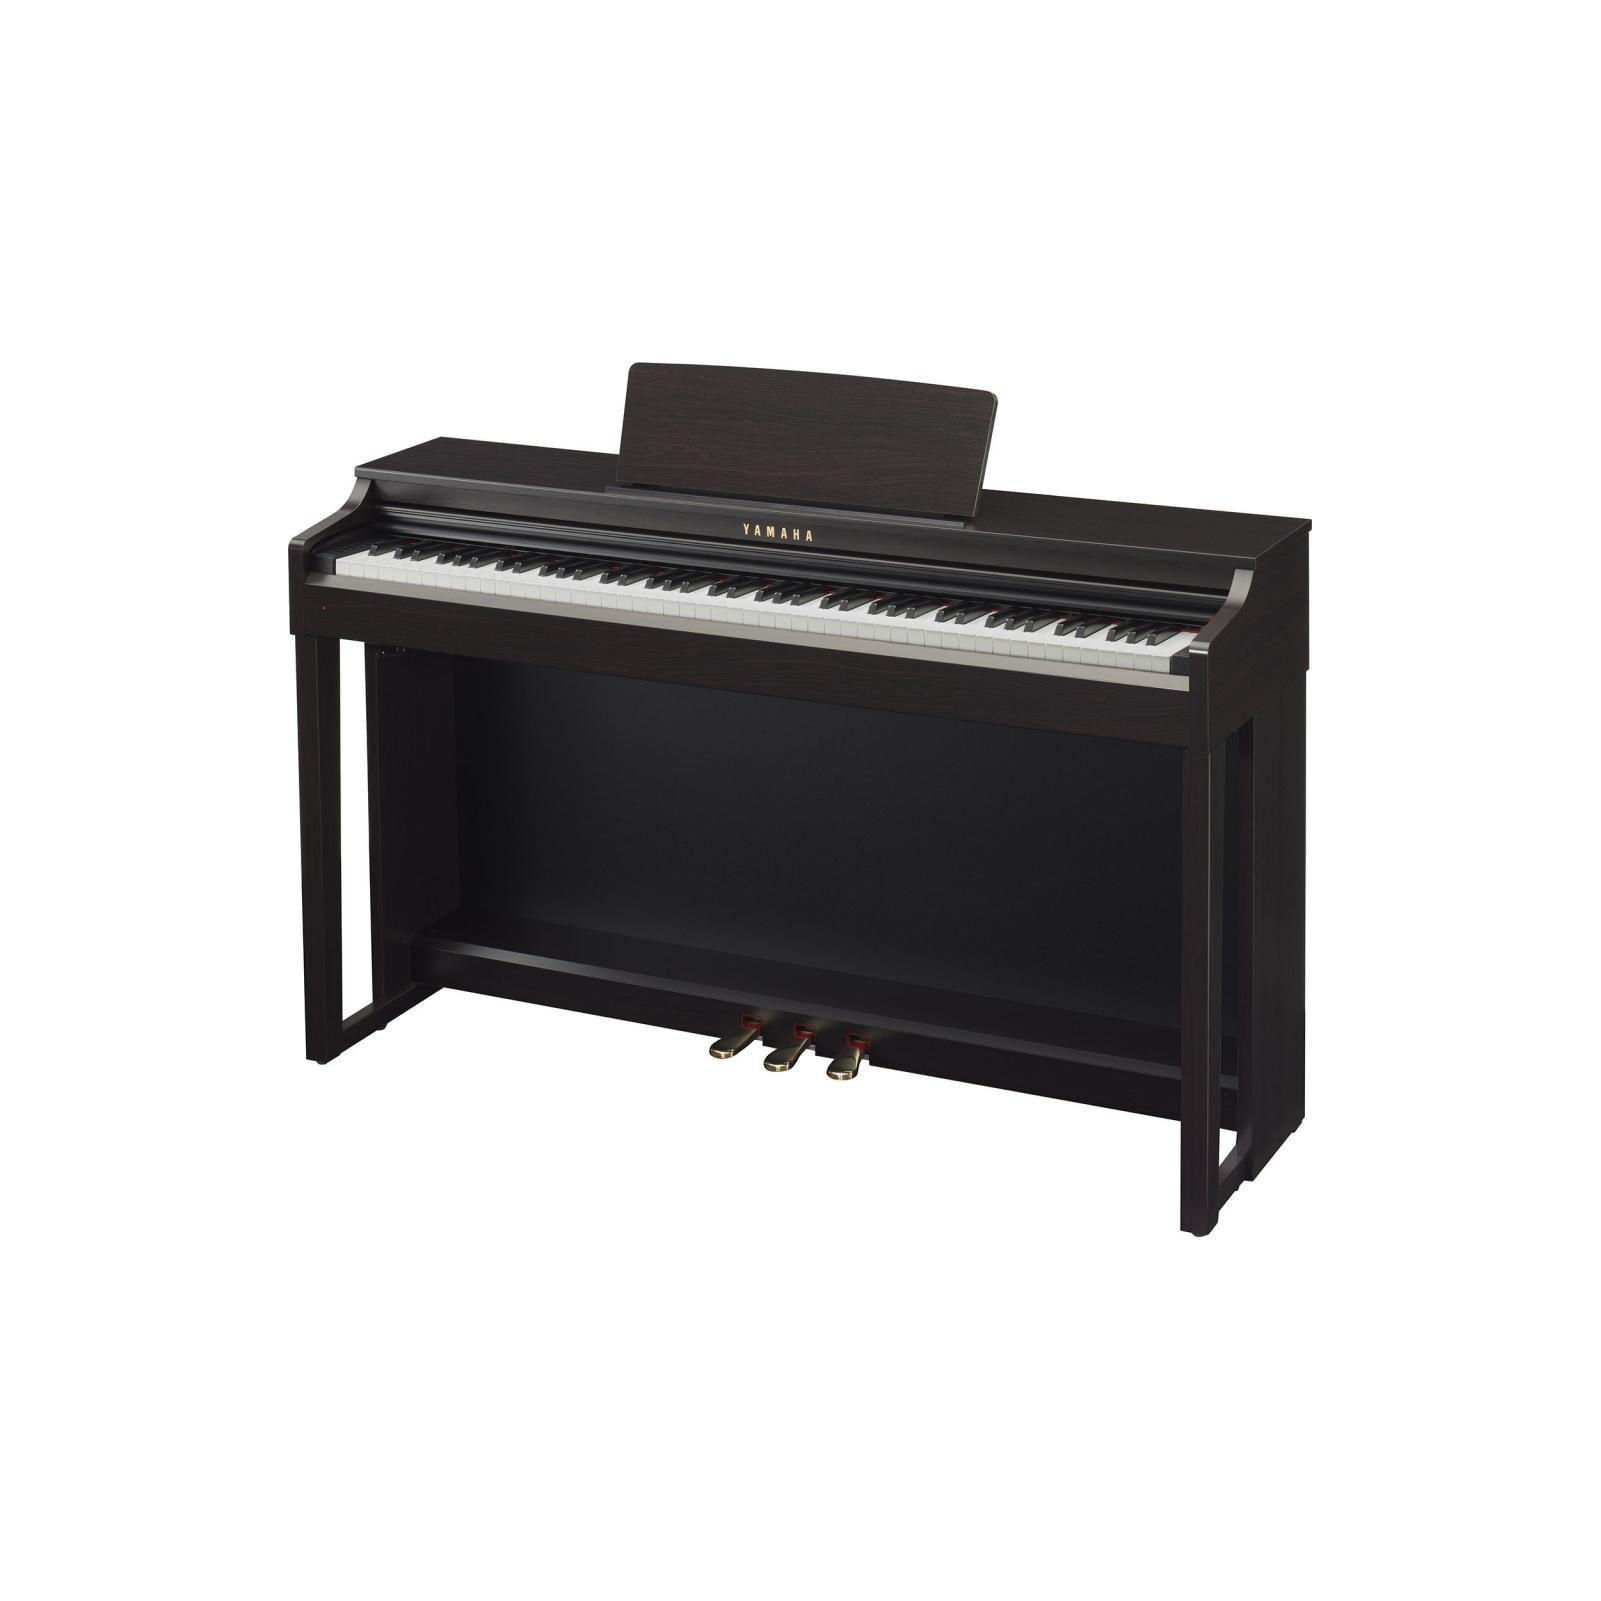 gebrauchte klaviere und fl gel in wiesbaden koblenz. Black Bedroom Furniture Sets. Home Design Ideas